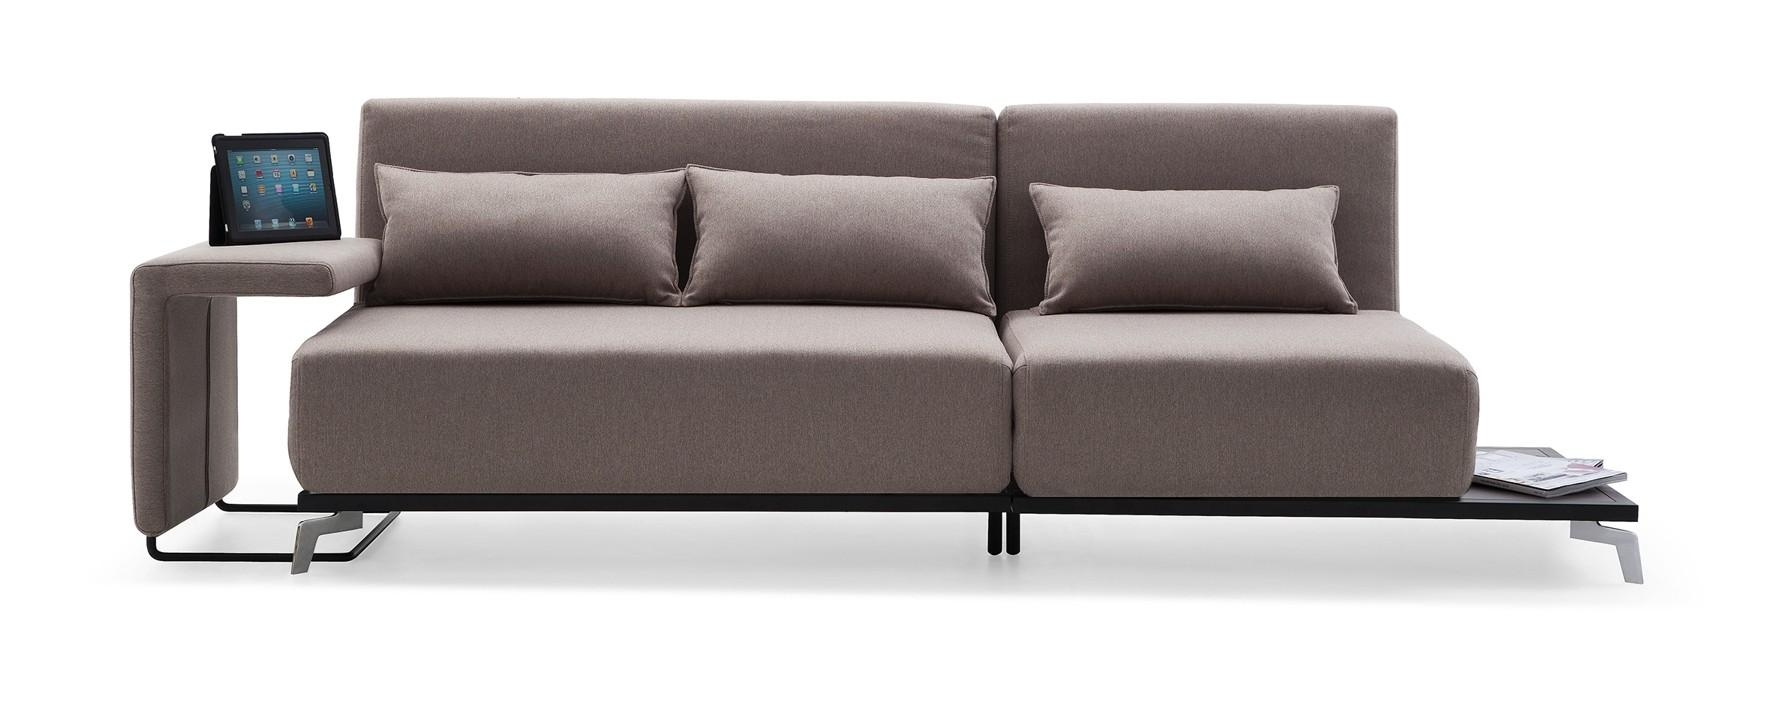 Jh033 Modern Sofa Bed inside Modern Sofas